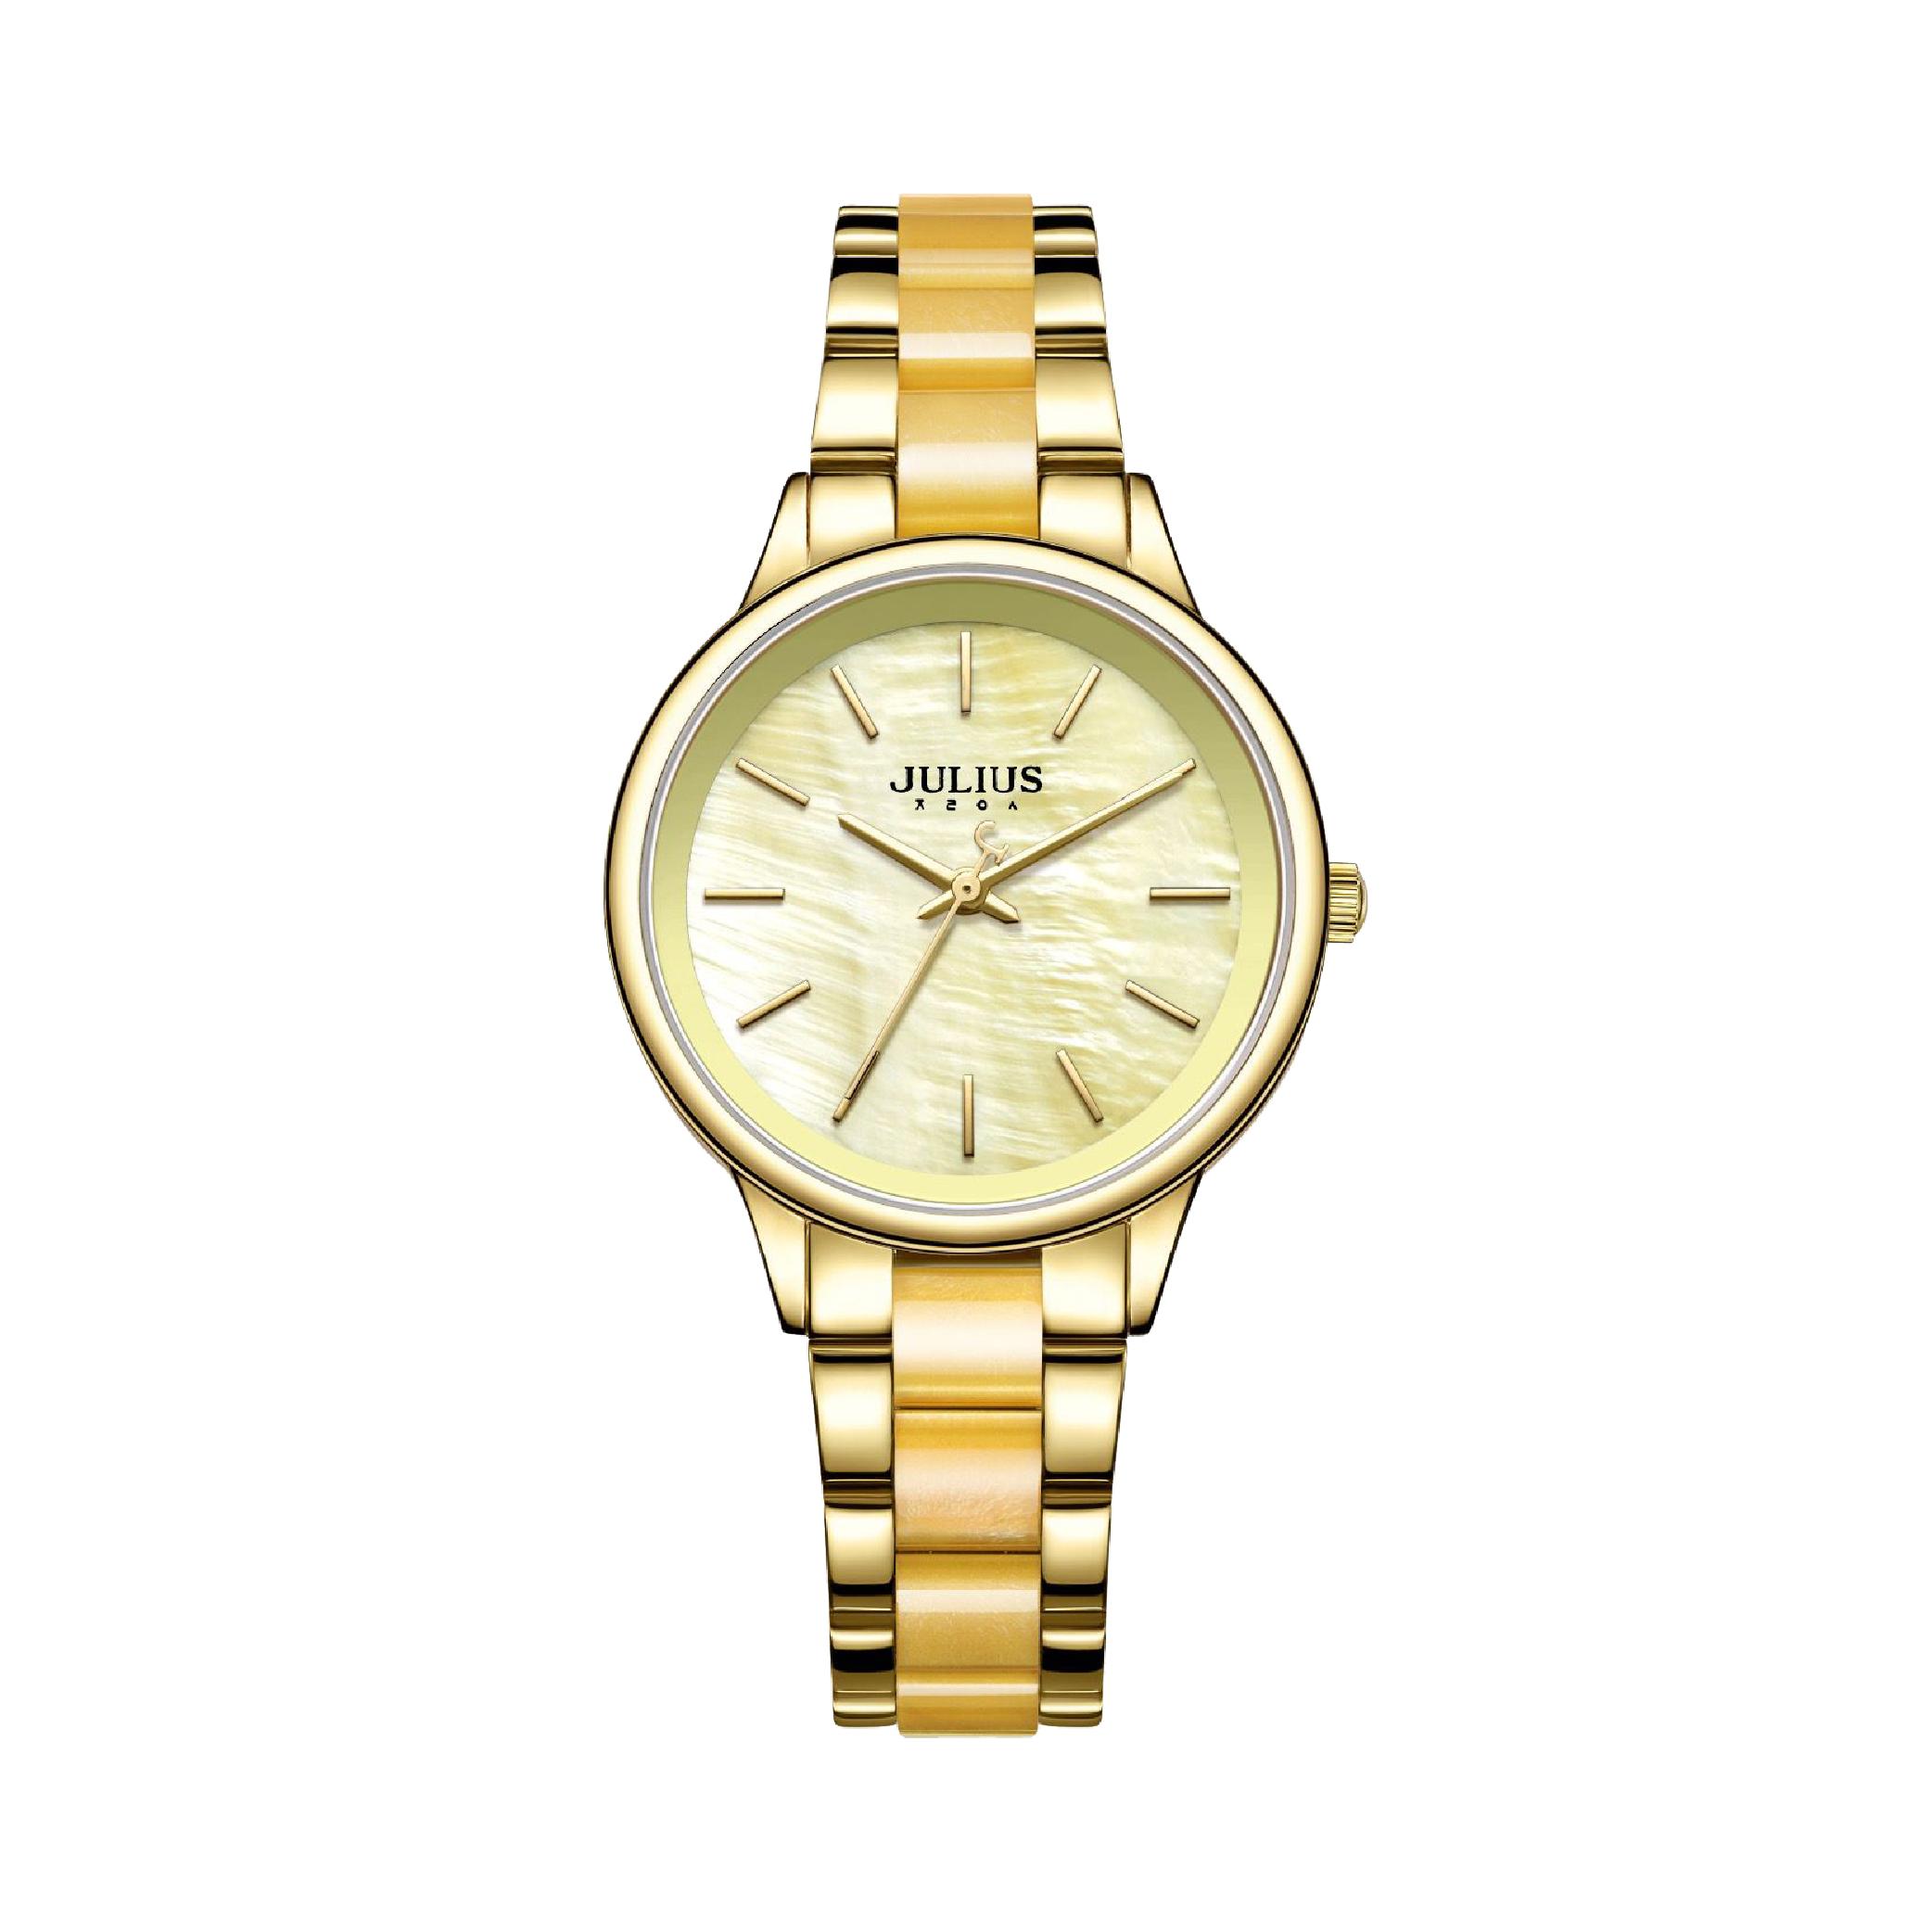 นาฬิกาข้อมือผู้หญิง JULIUS JA-1053 A